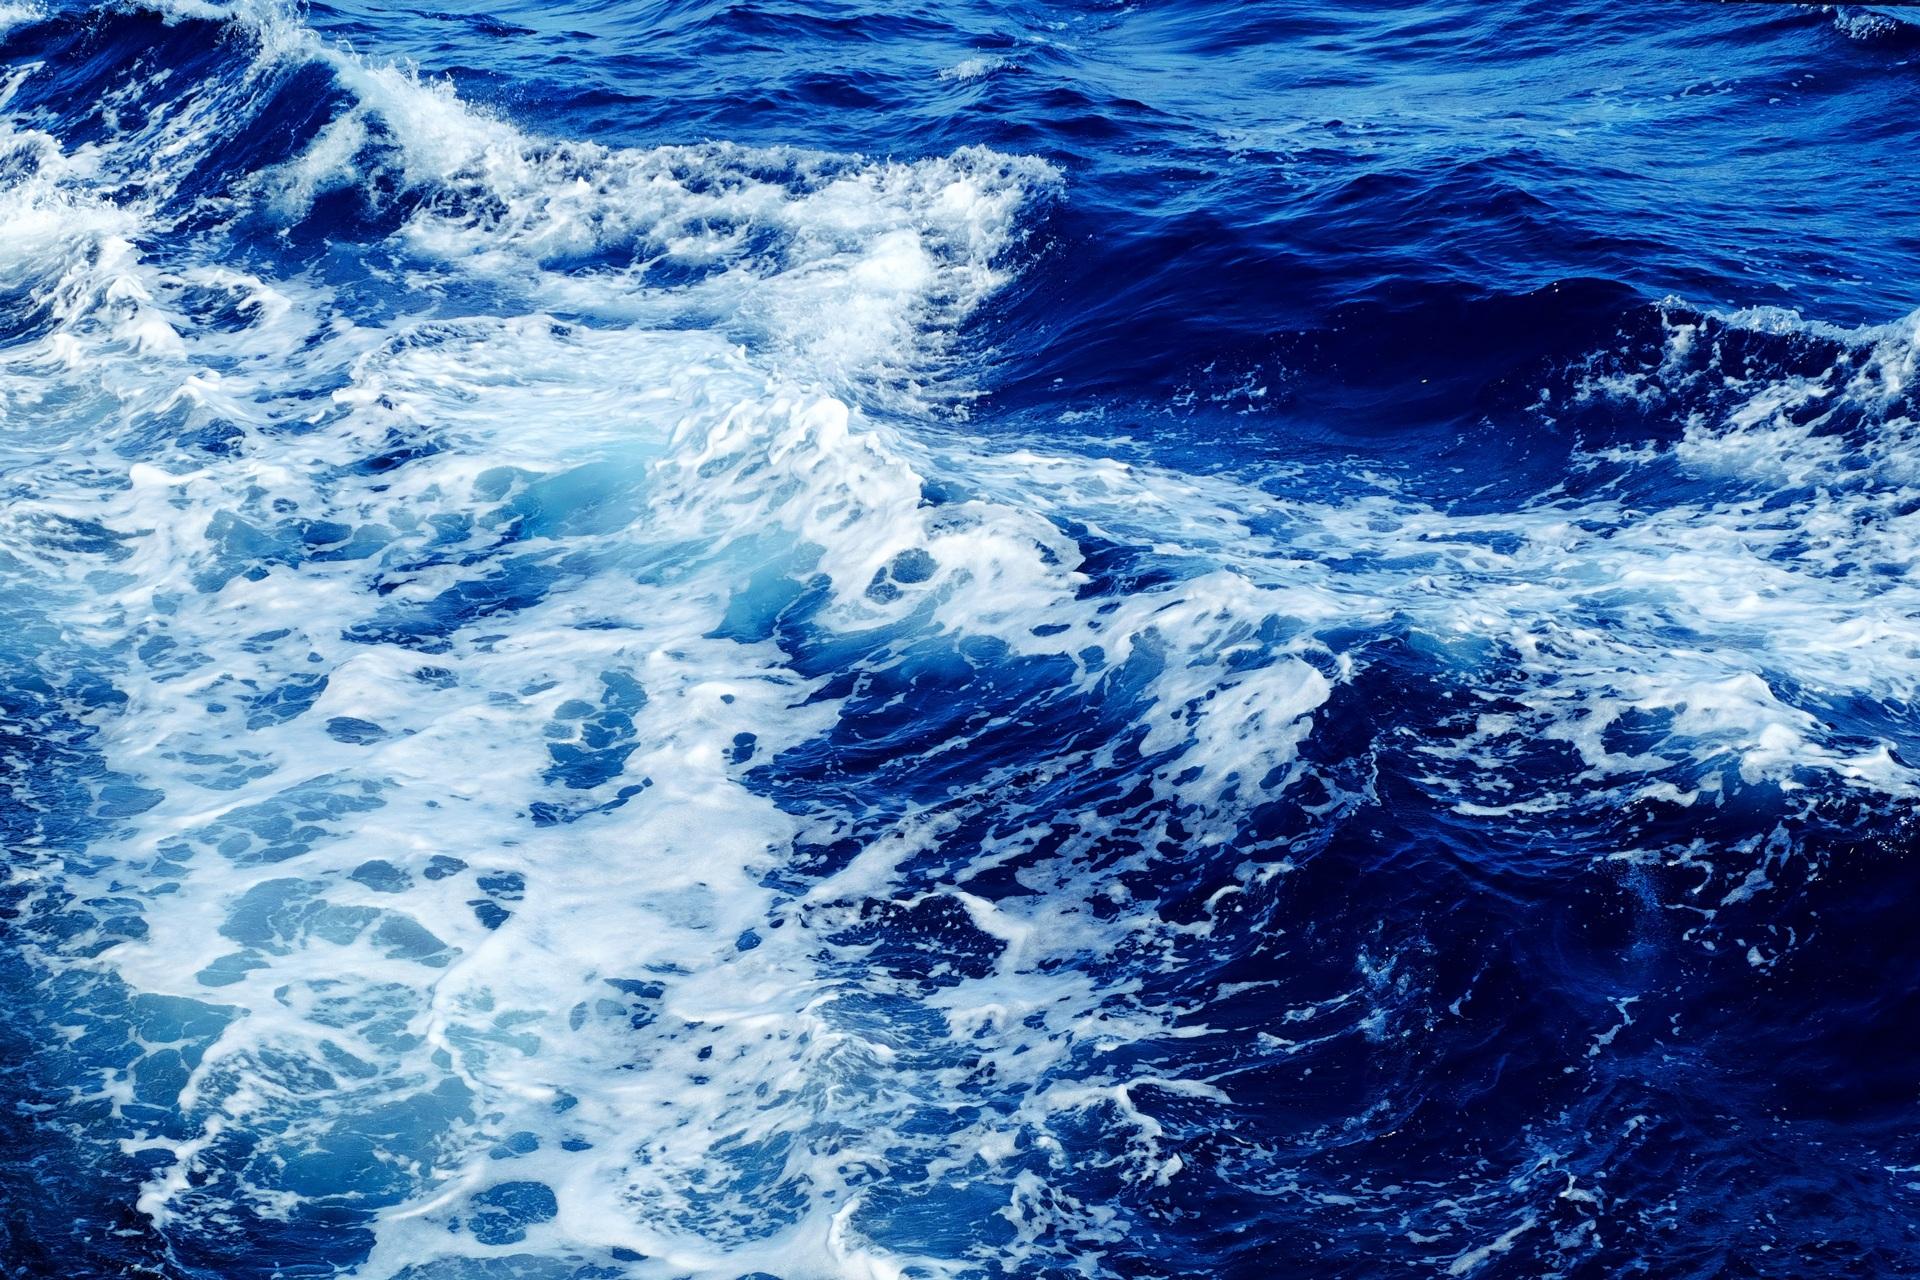 106751 Заставки и Обои Волны на телефон. Скачать Природа, Море, Пена, Волны картинки бесплатно